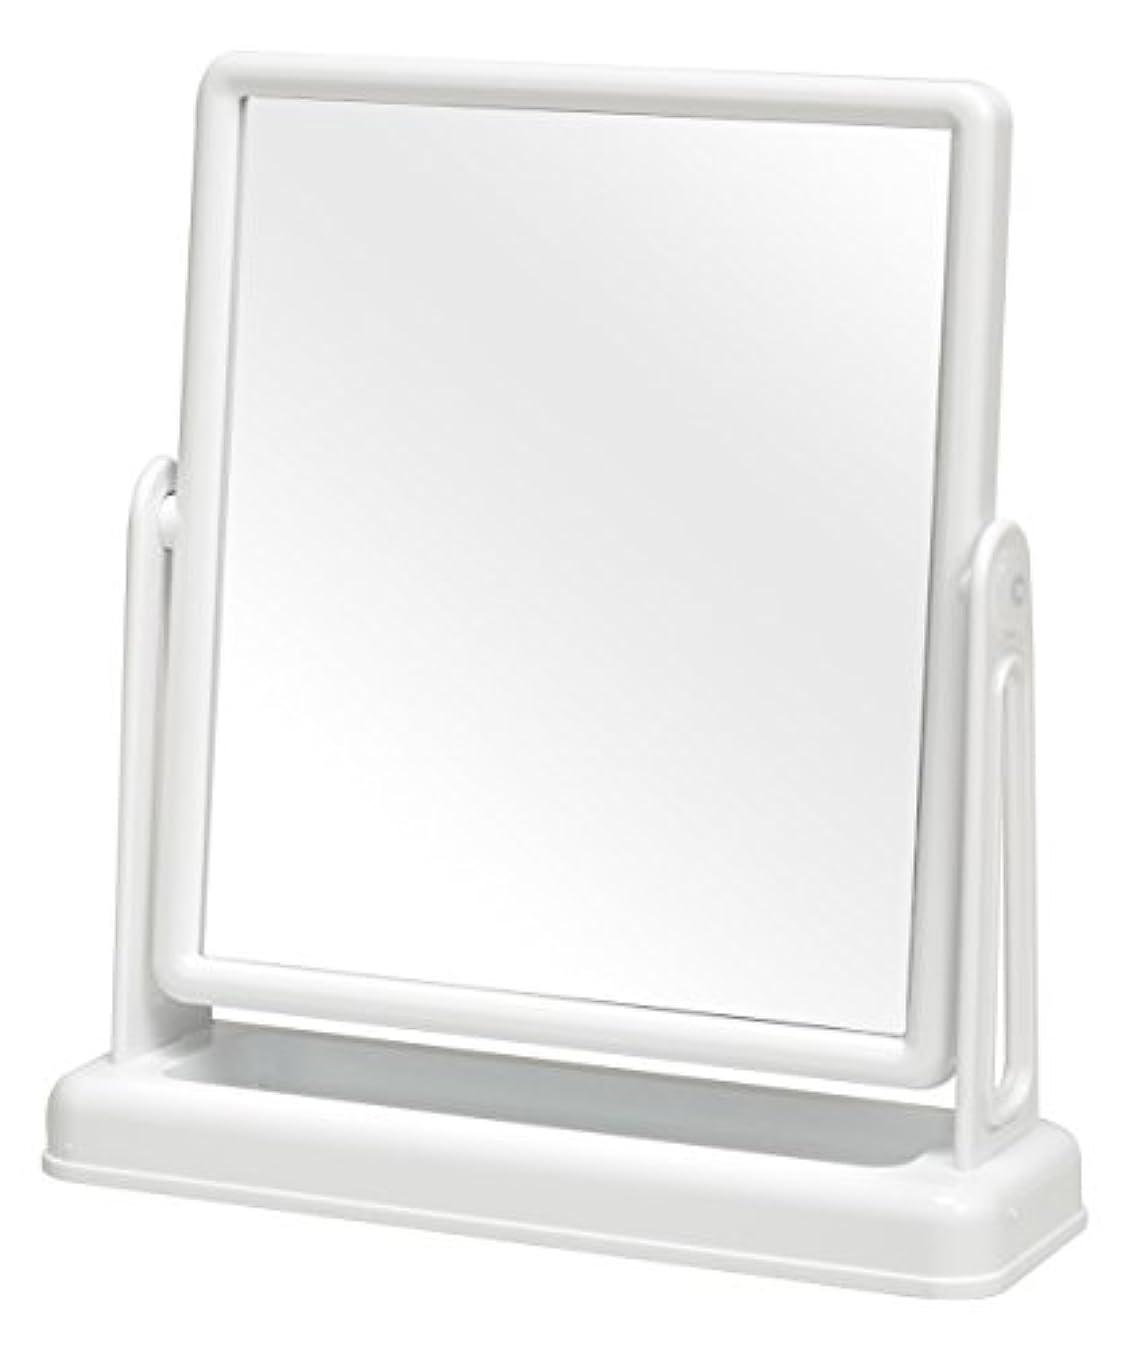 インシュレータ銀行ライオネルグリーンストリート永井興産 スクエア卓上ミラー ファイン ホワイト 約 幅25.5×奥行8×高さ28cm